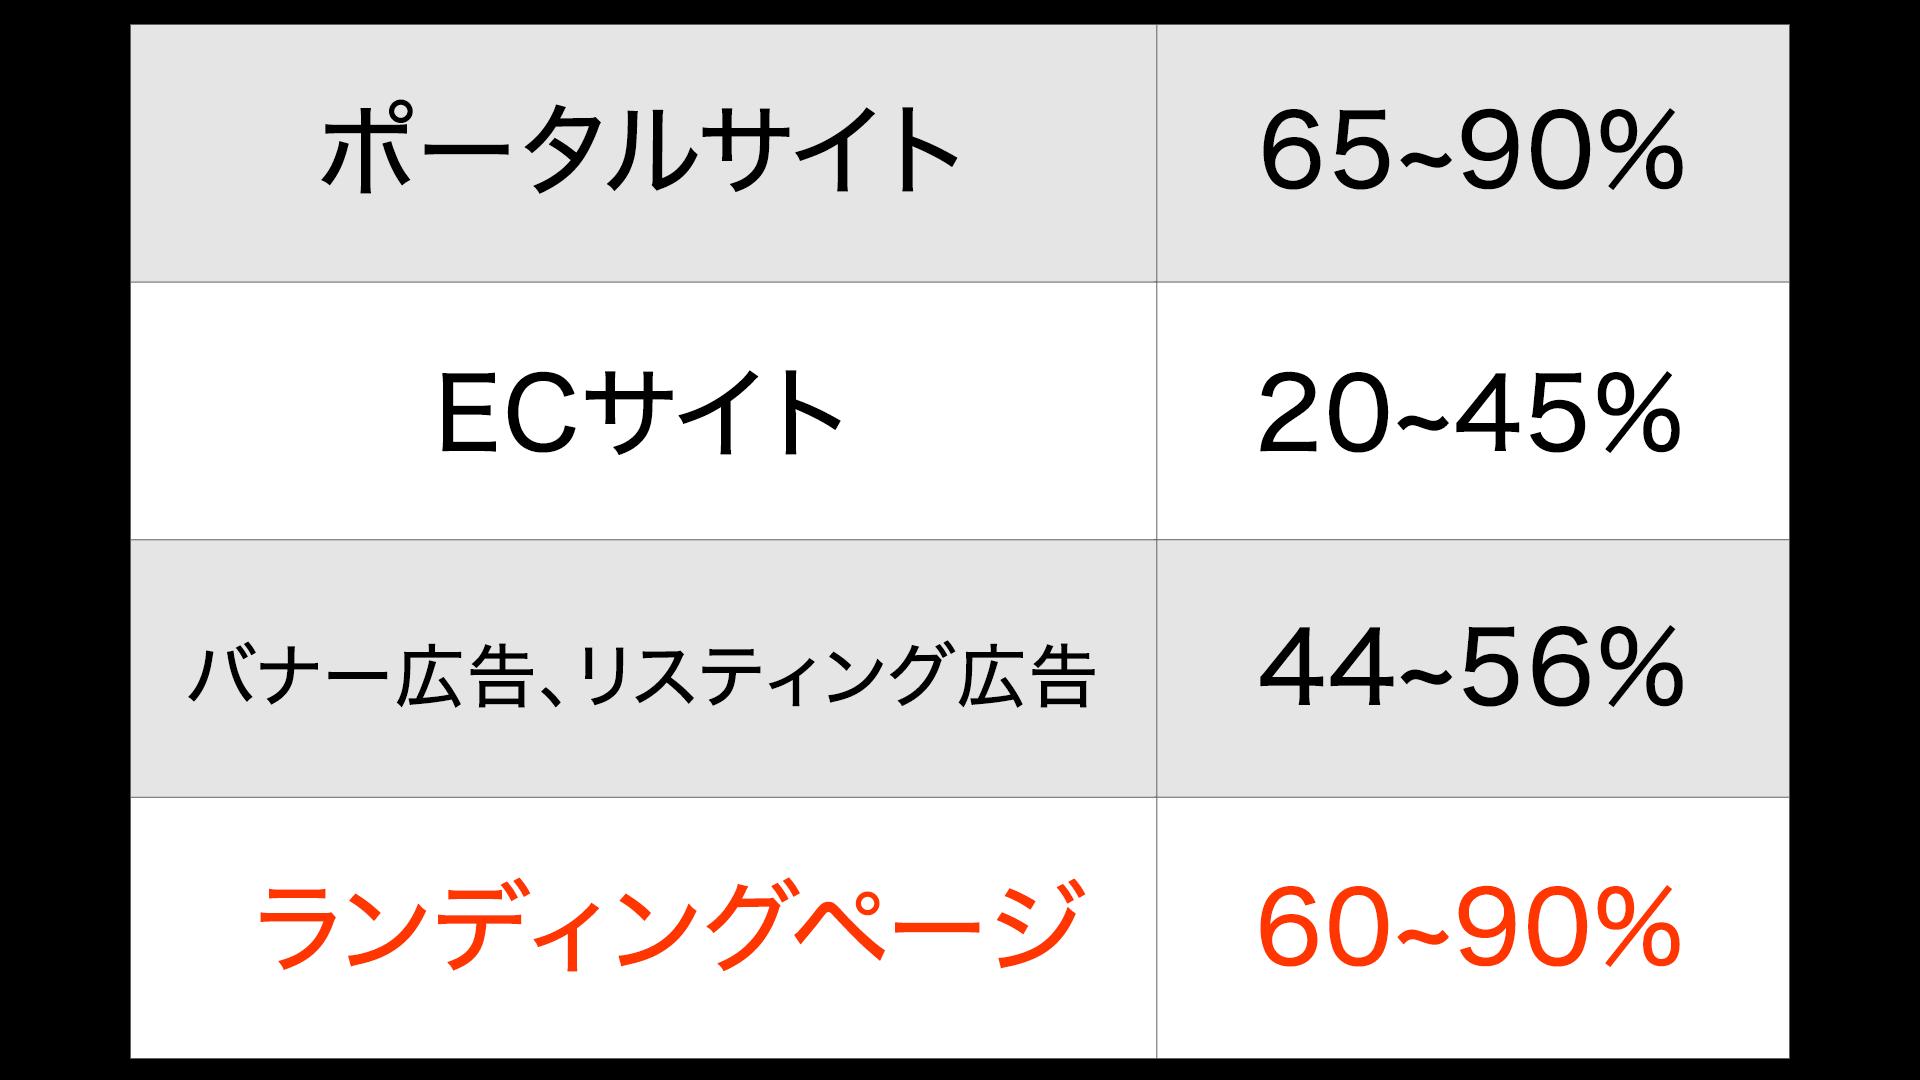 ランディングページの直帰率の割合